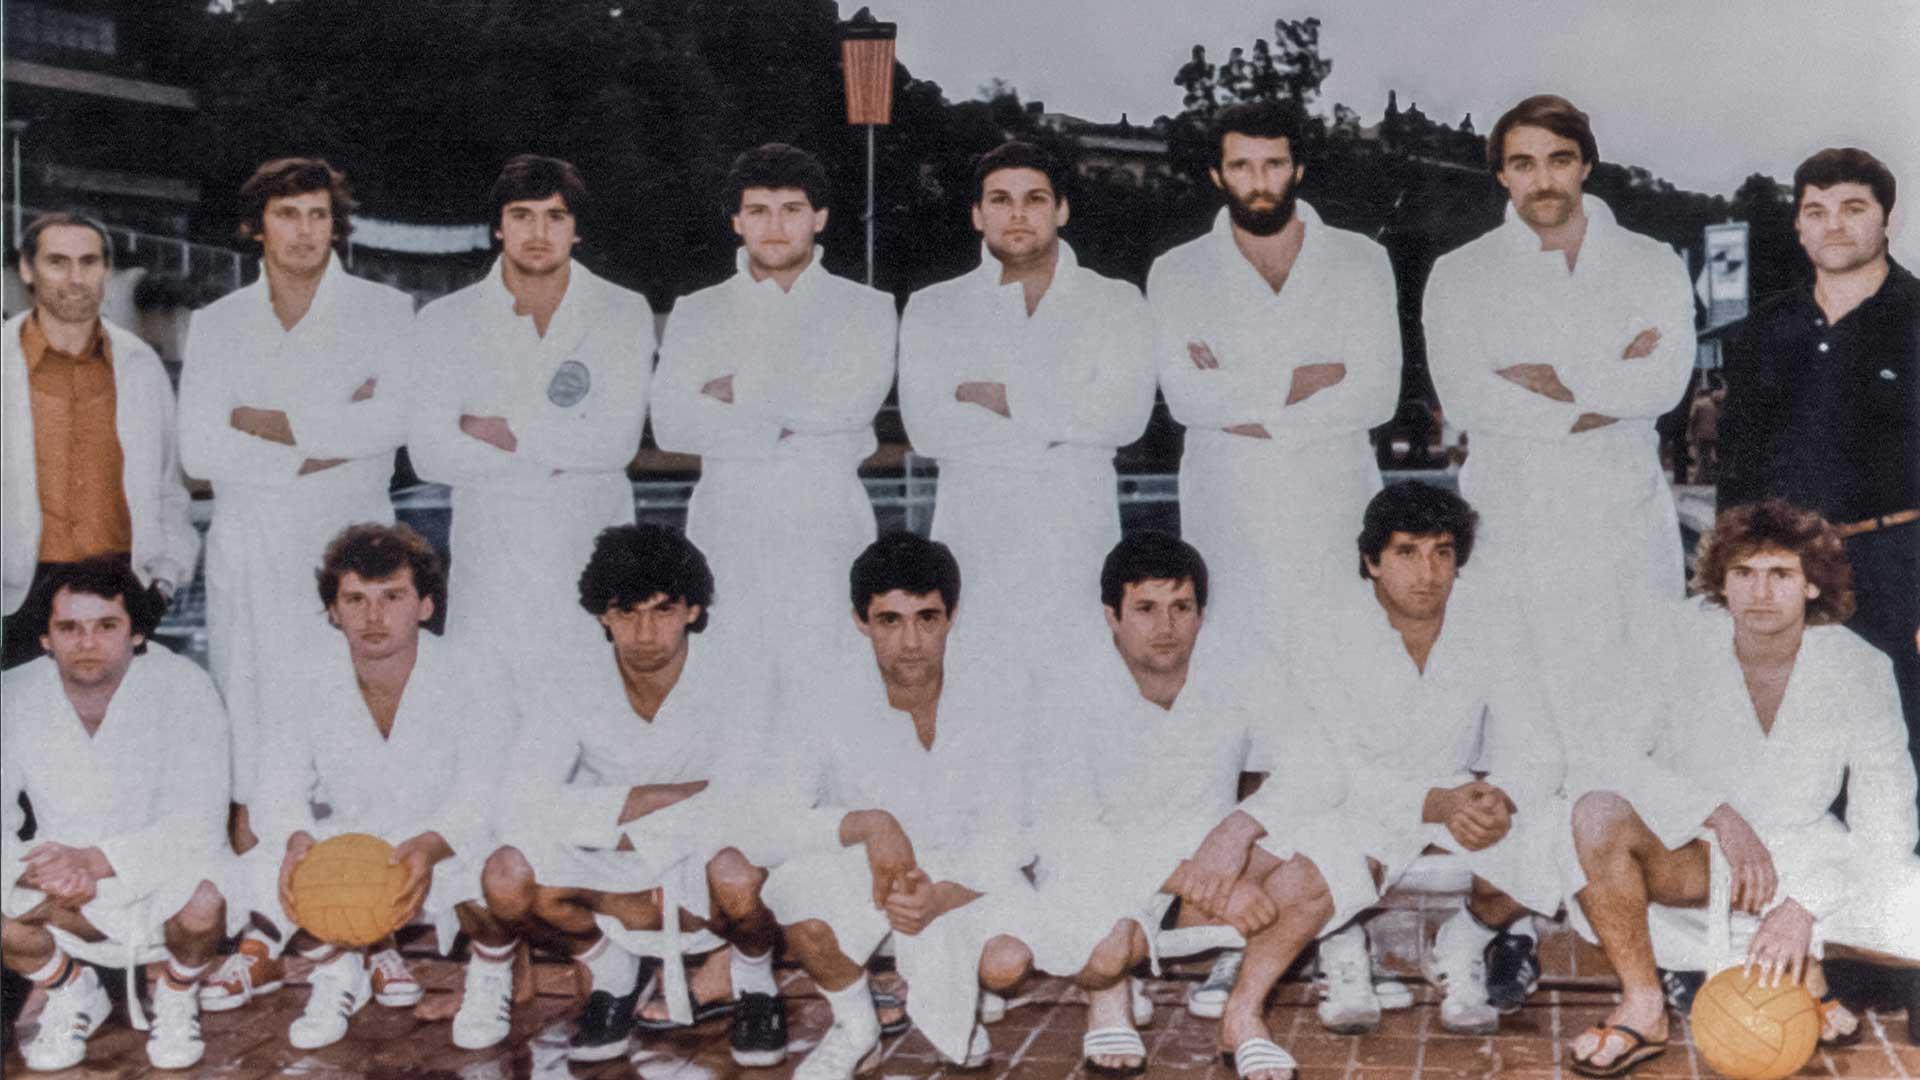 jadran-herceg-novi-prvi-tim-1980-godine